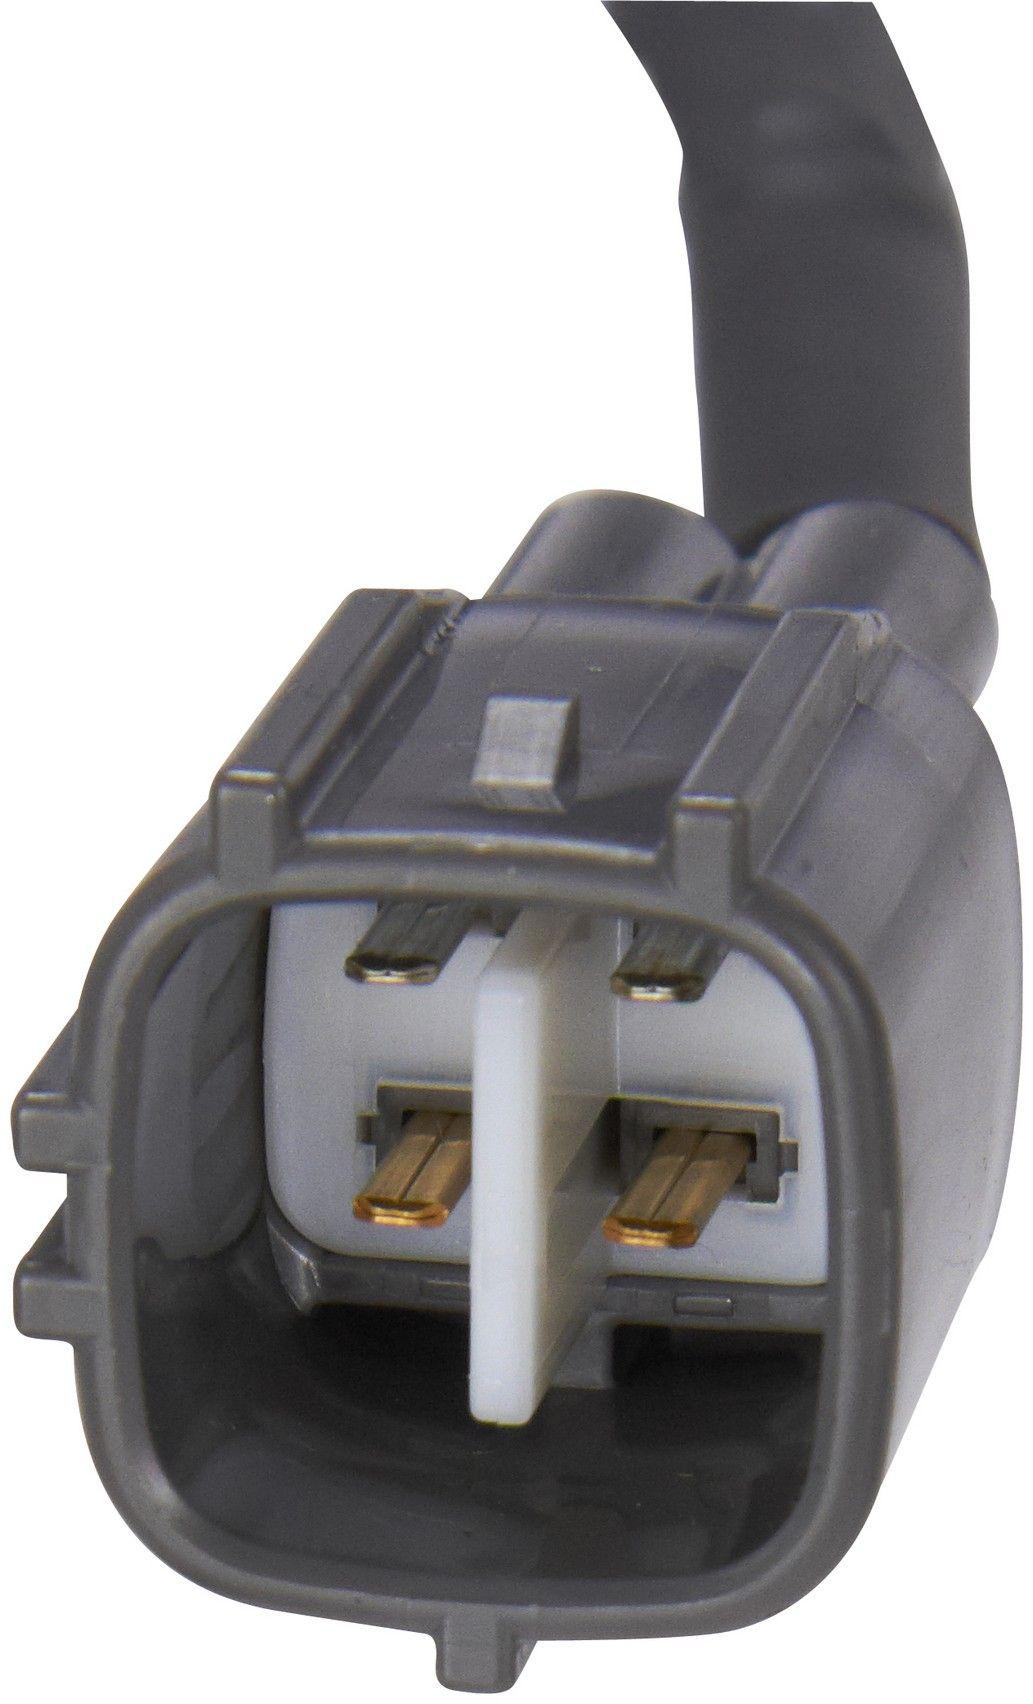 Lexus ES300 Oxygen Sensor Replacement (Bosch, Delphi, Denso